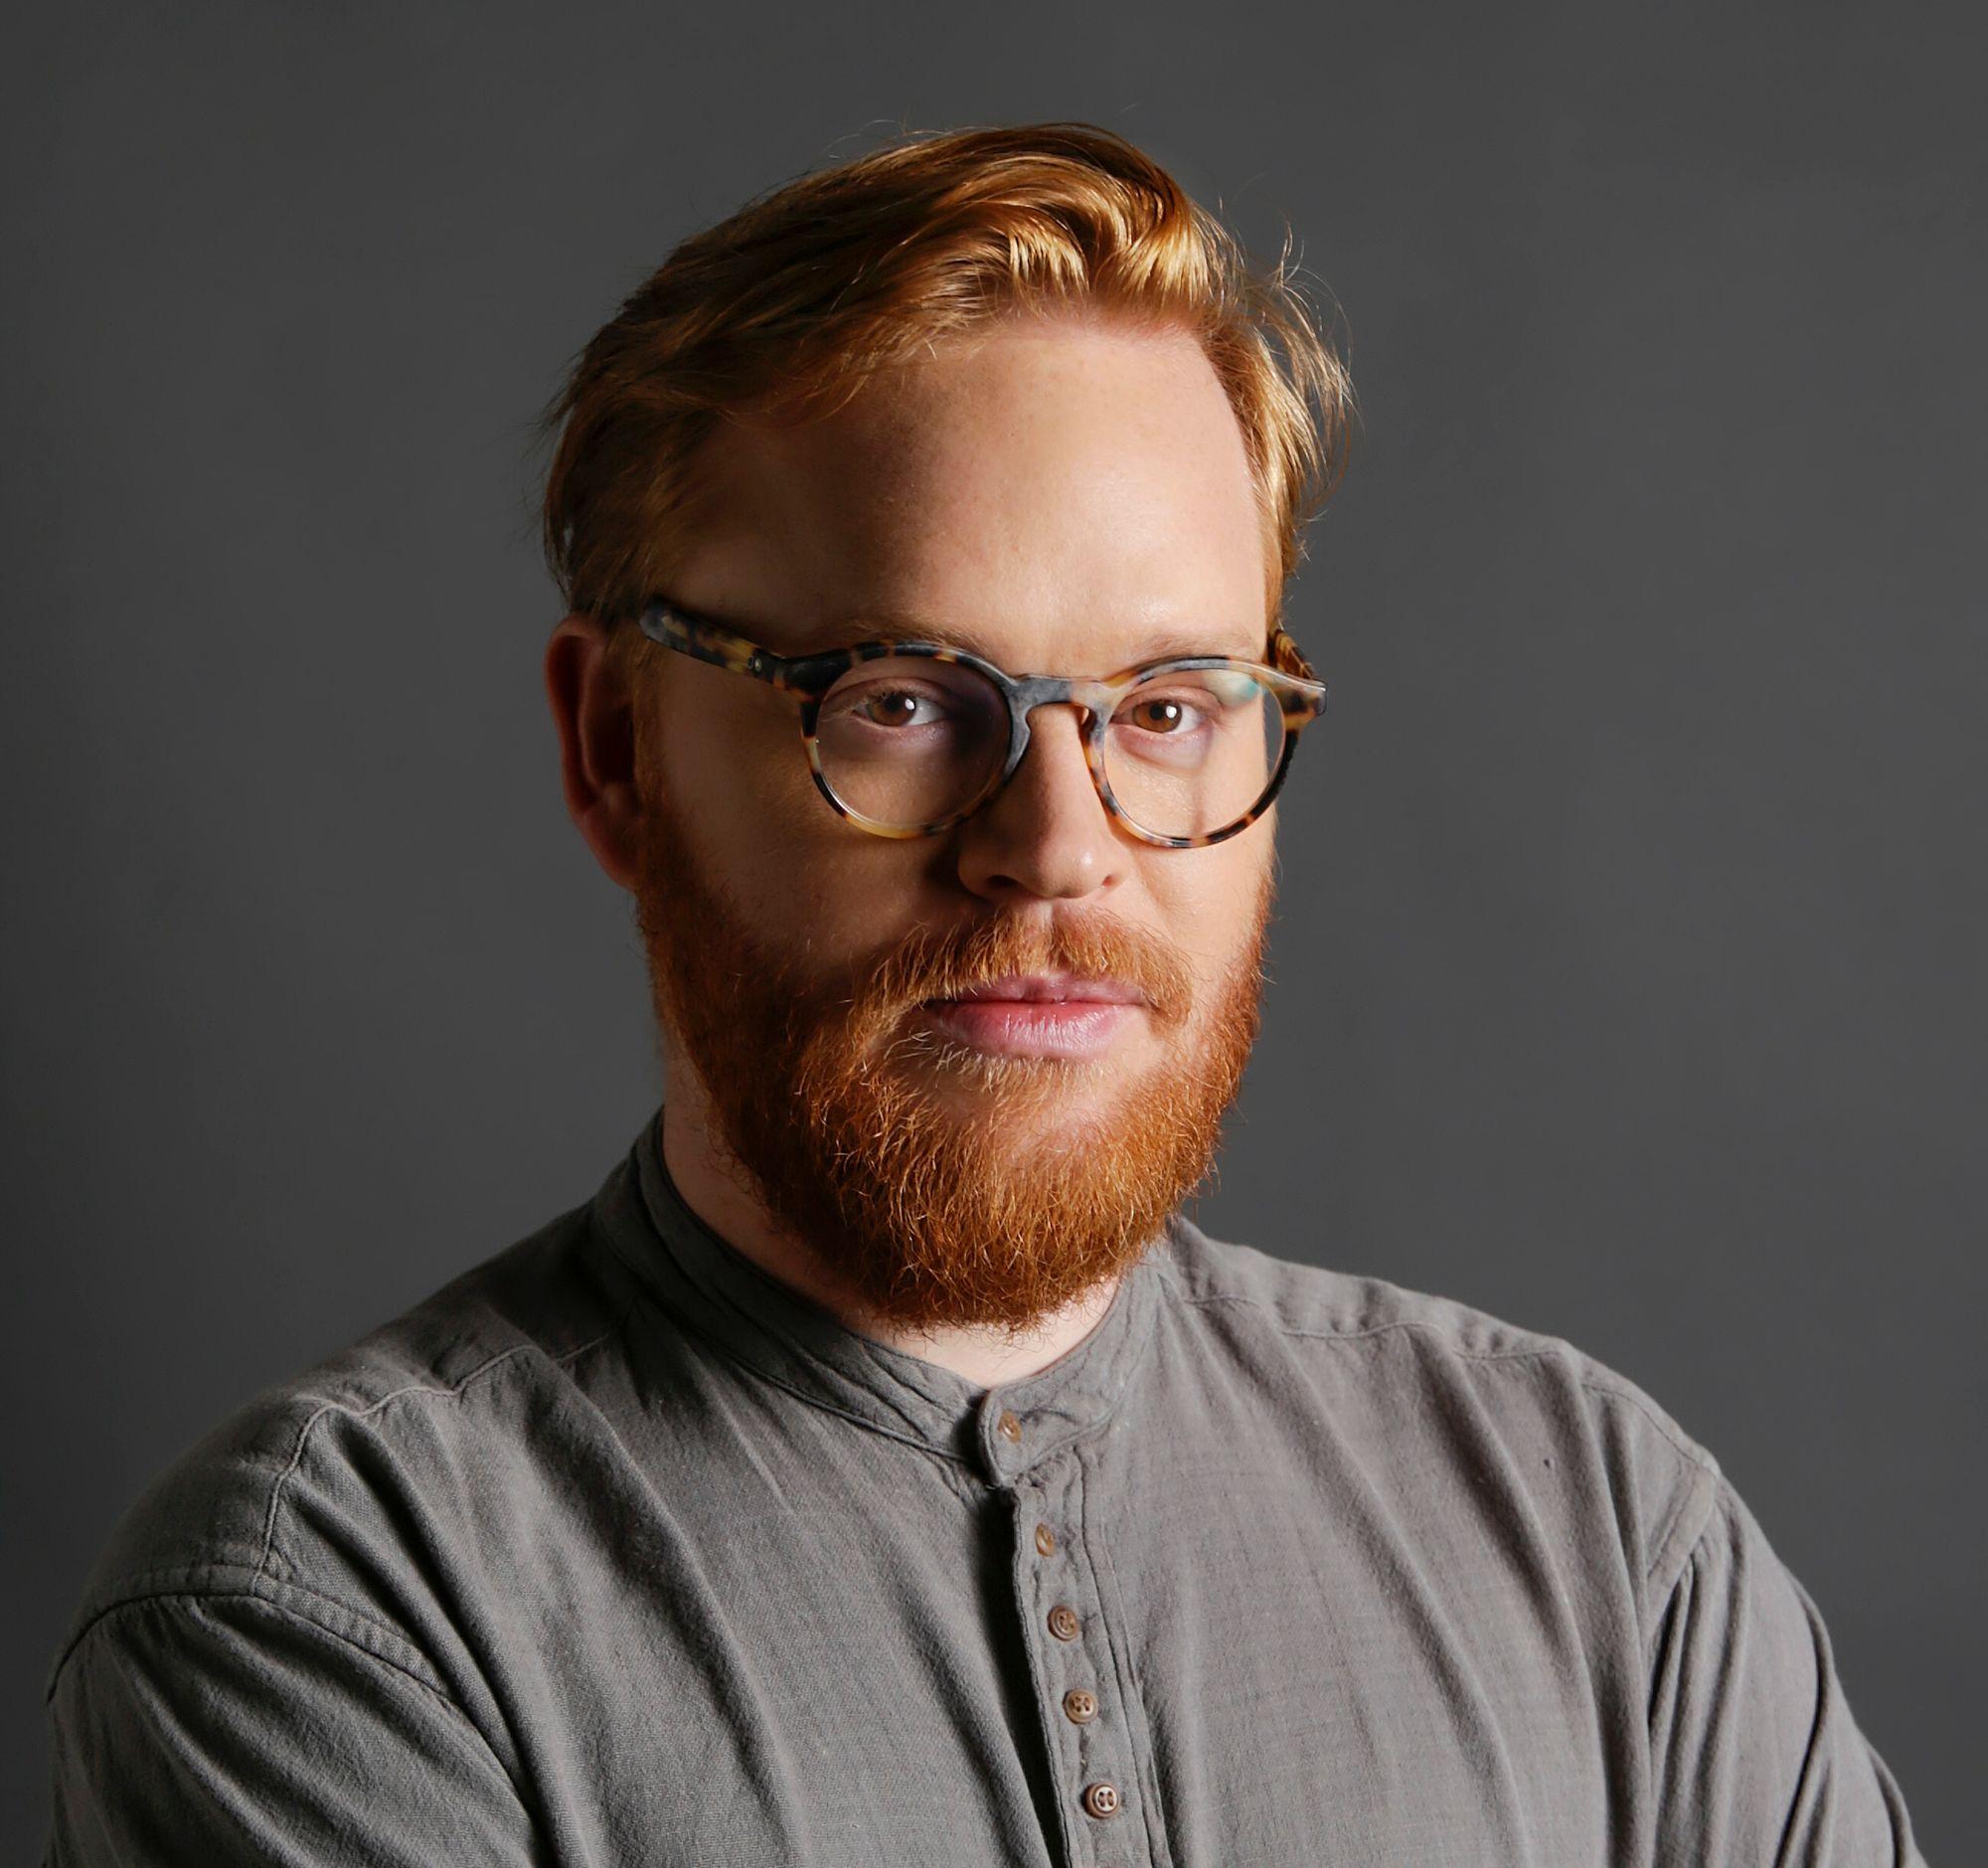 Árni Þór Theodórsson